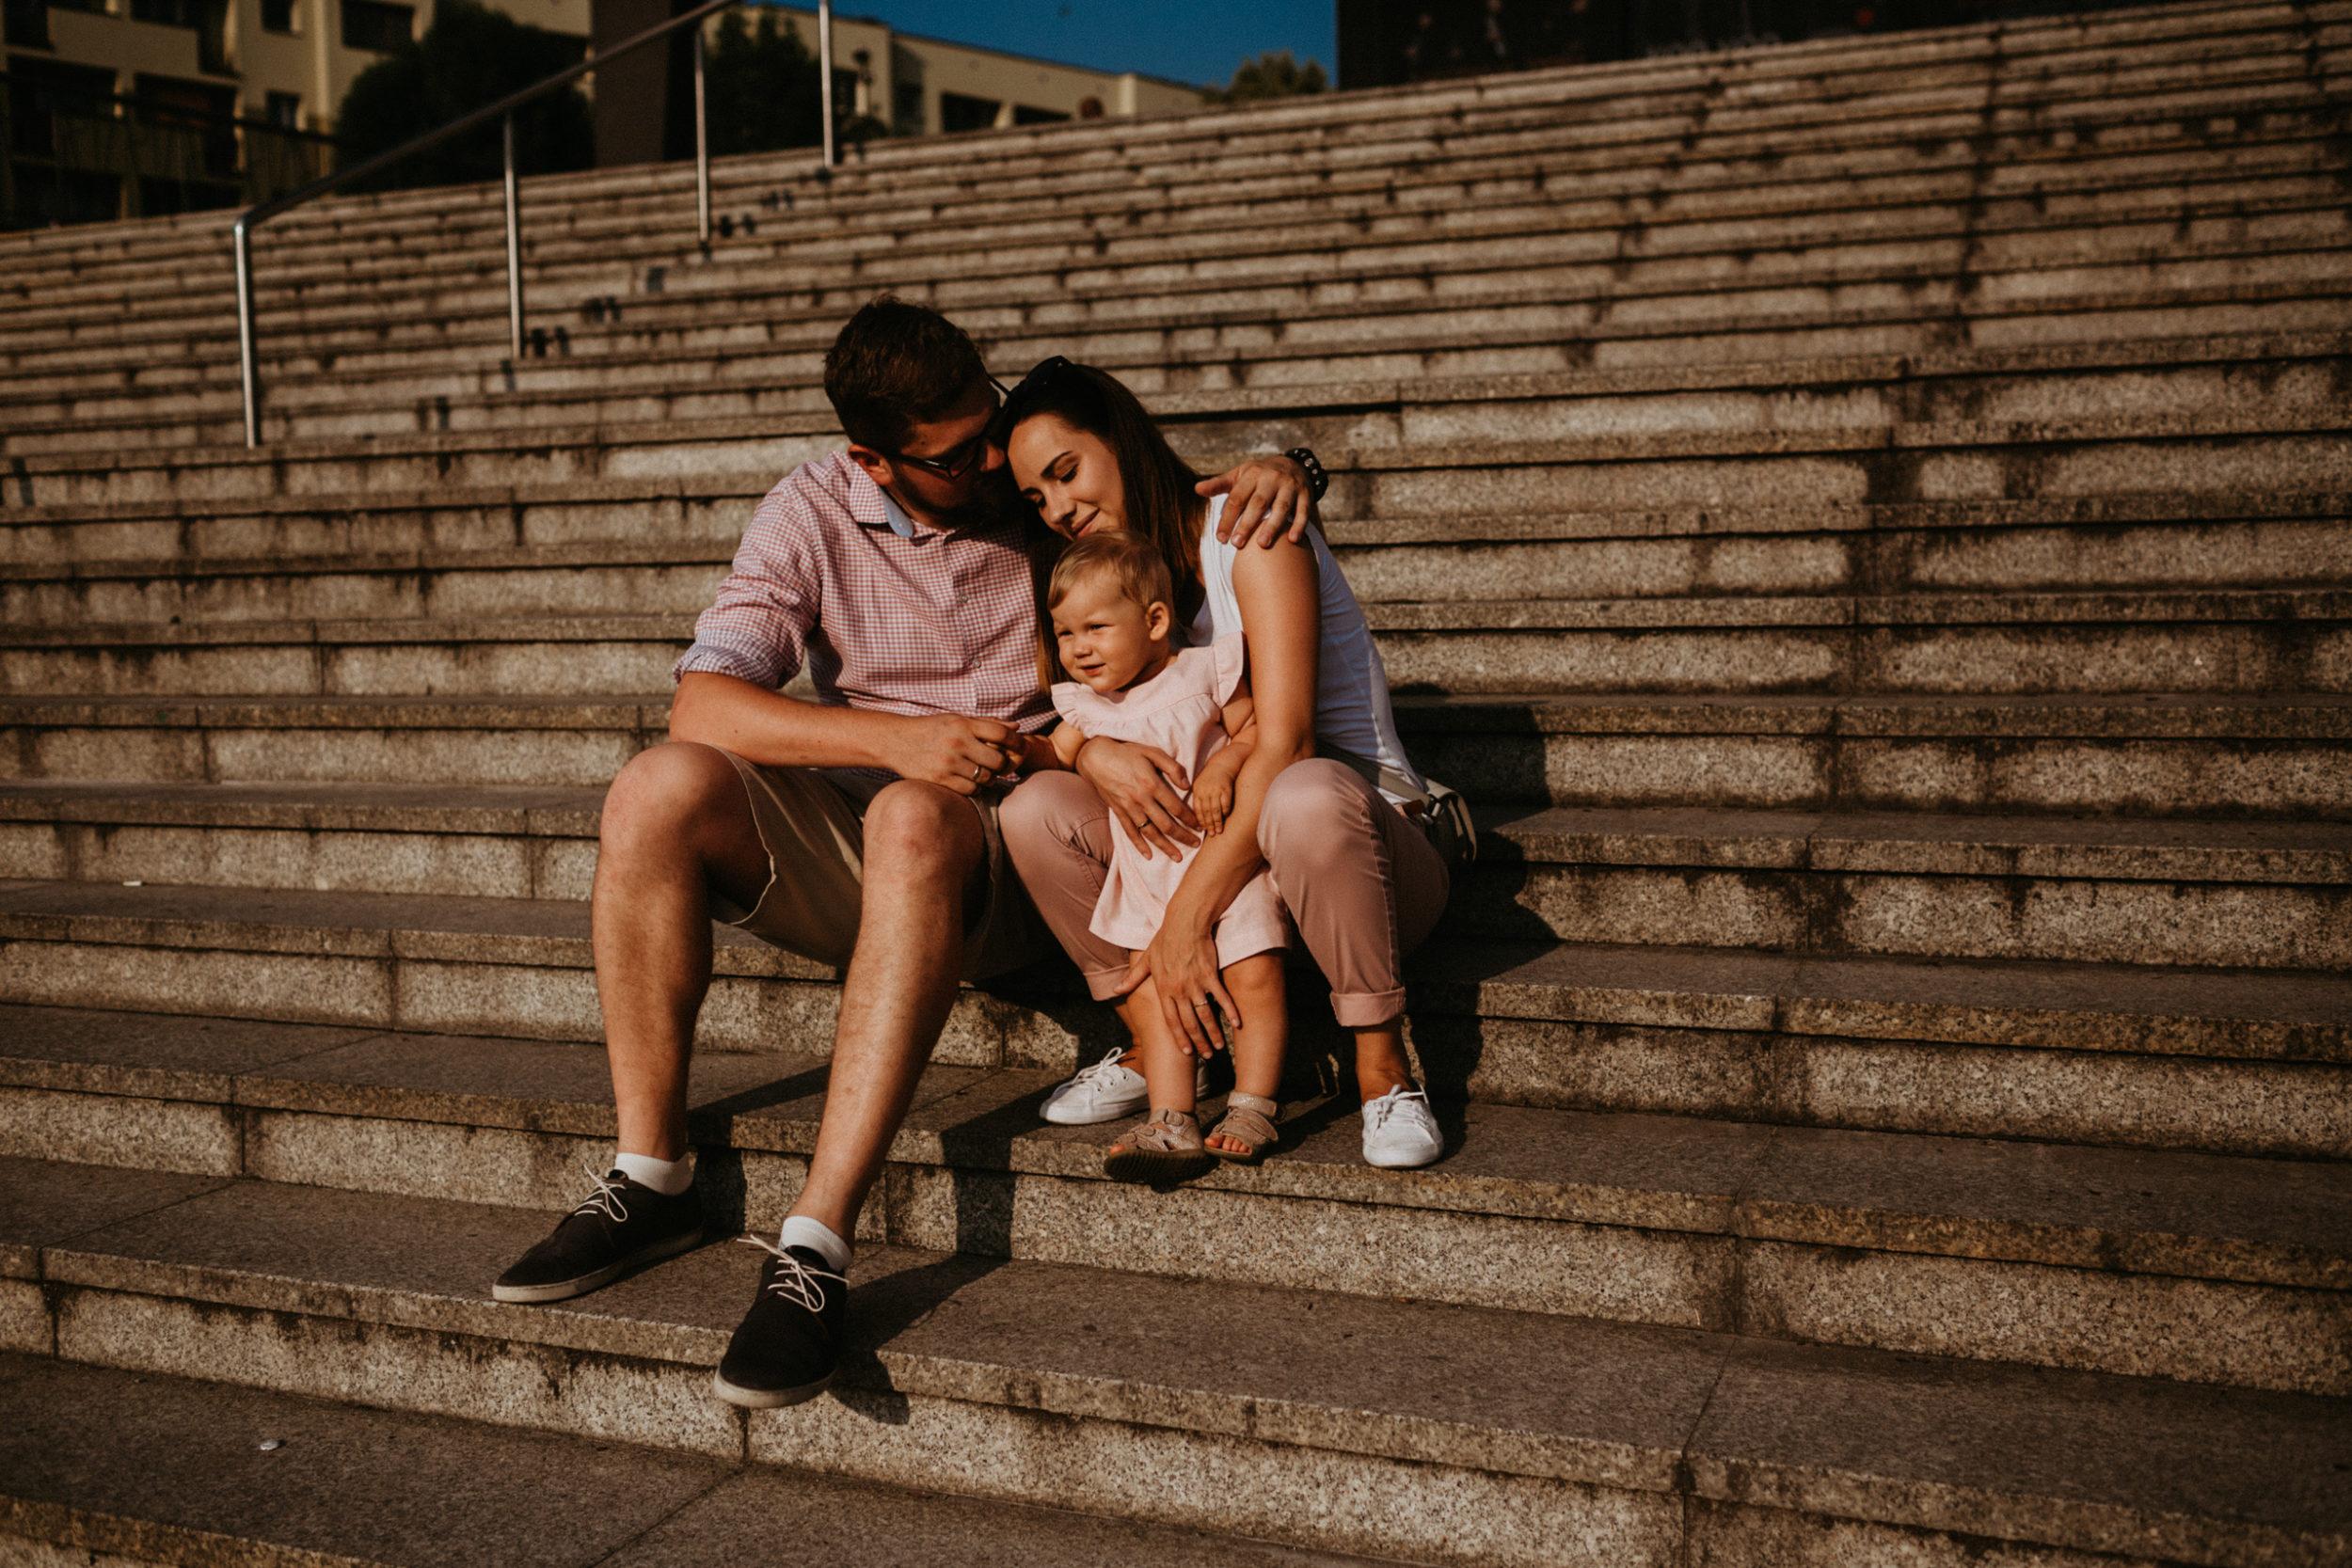 sesja rodzinna w miescie fotografia slask 00008